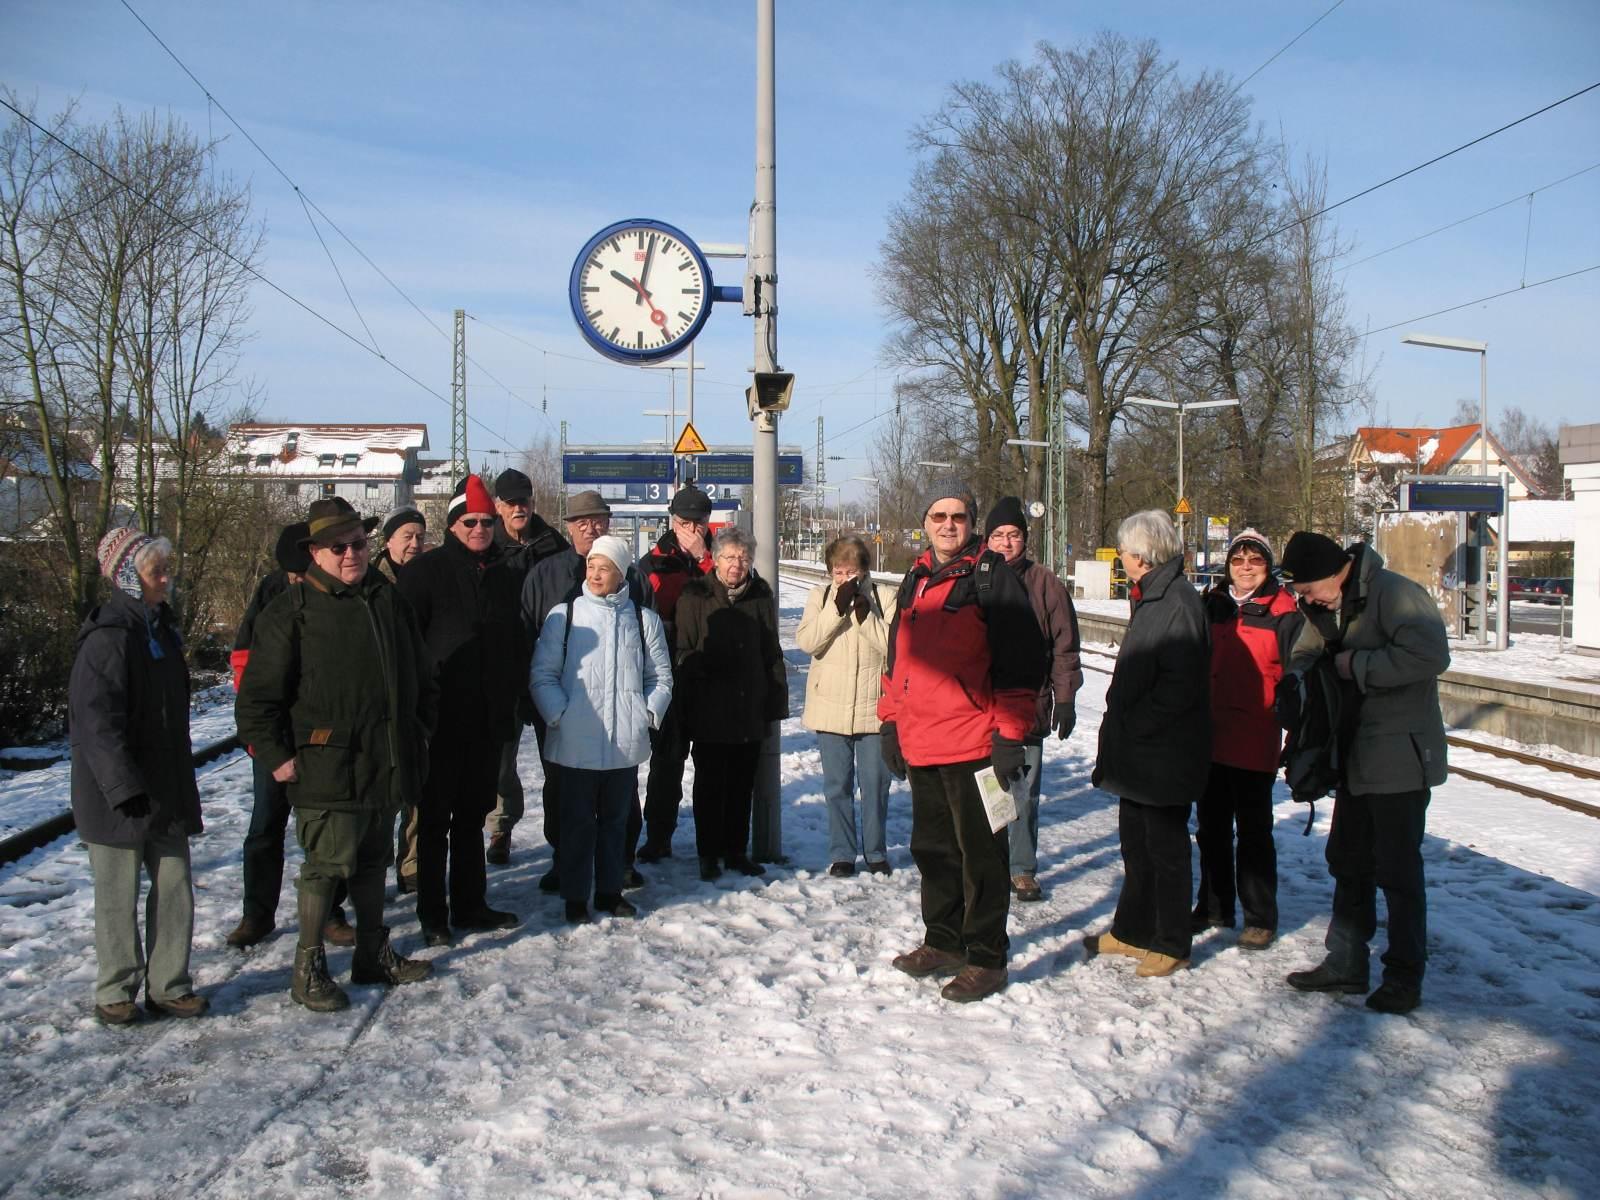 2009_02_18 Schnaidt, Winterwanderung im Remstal